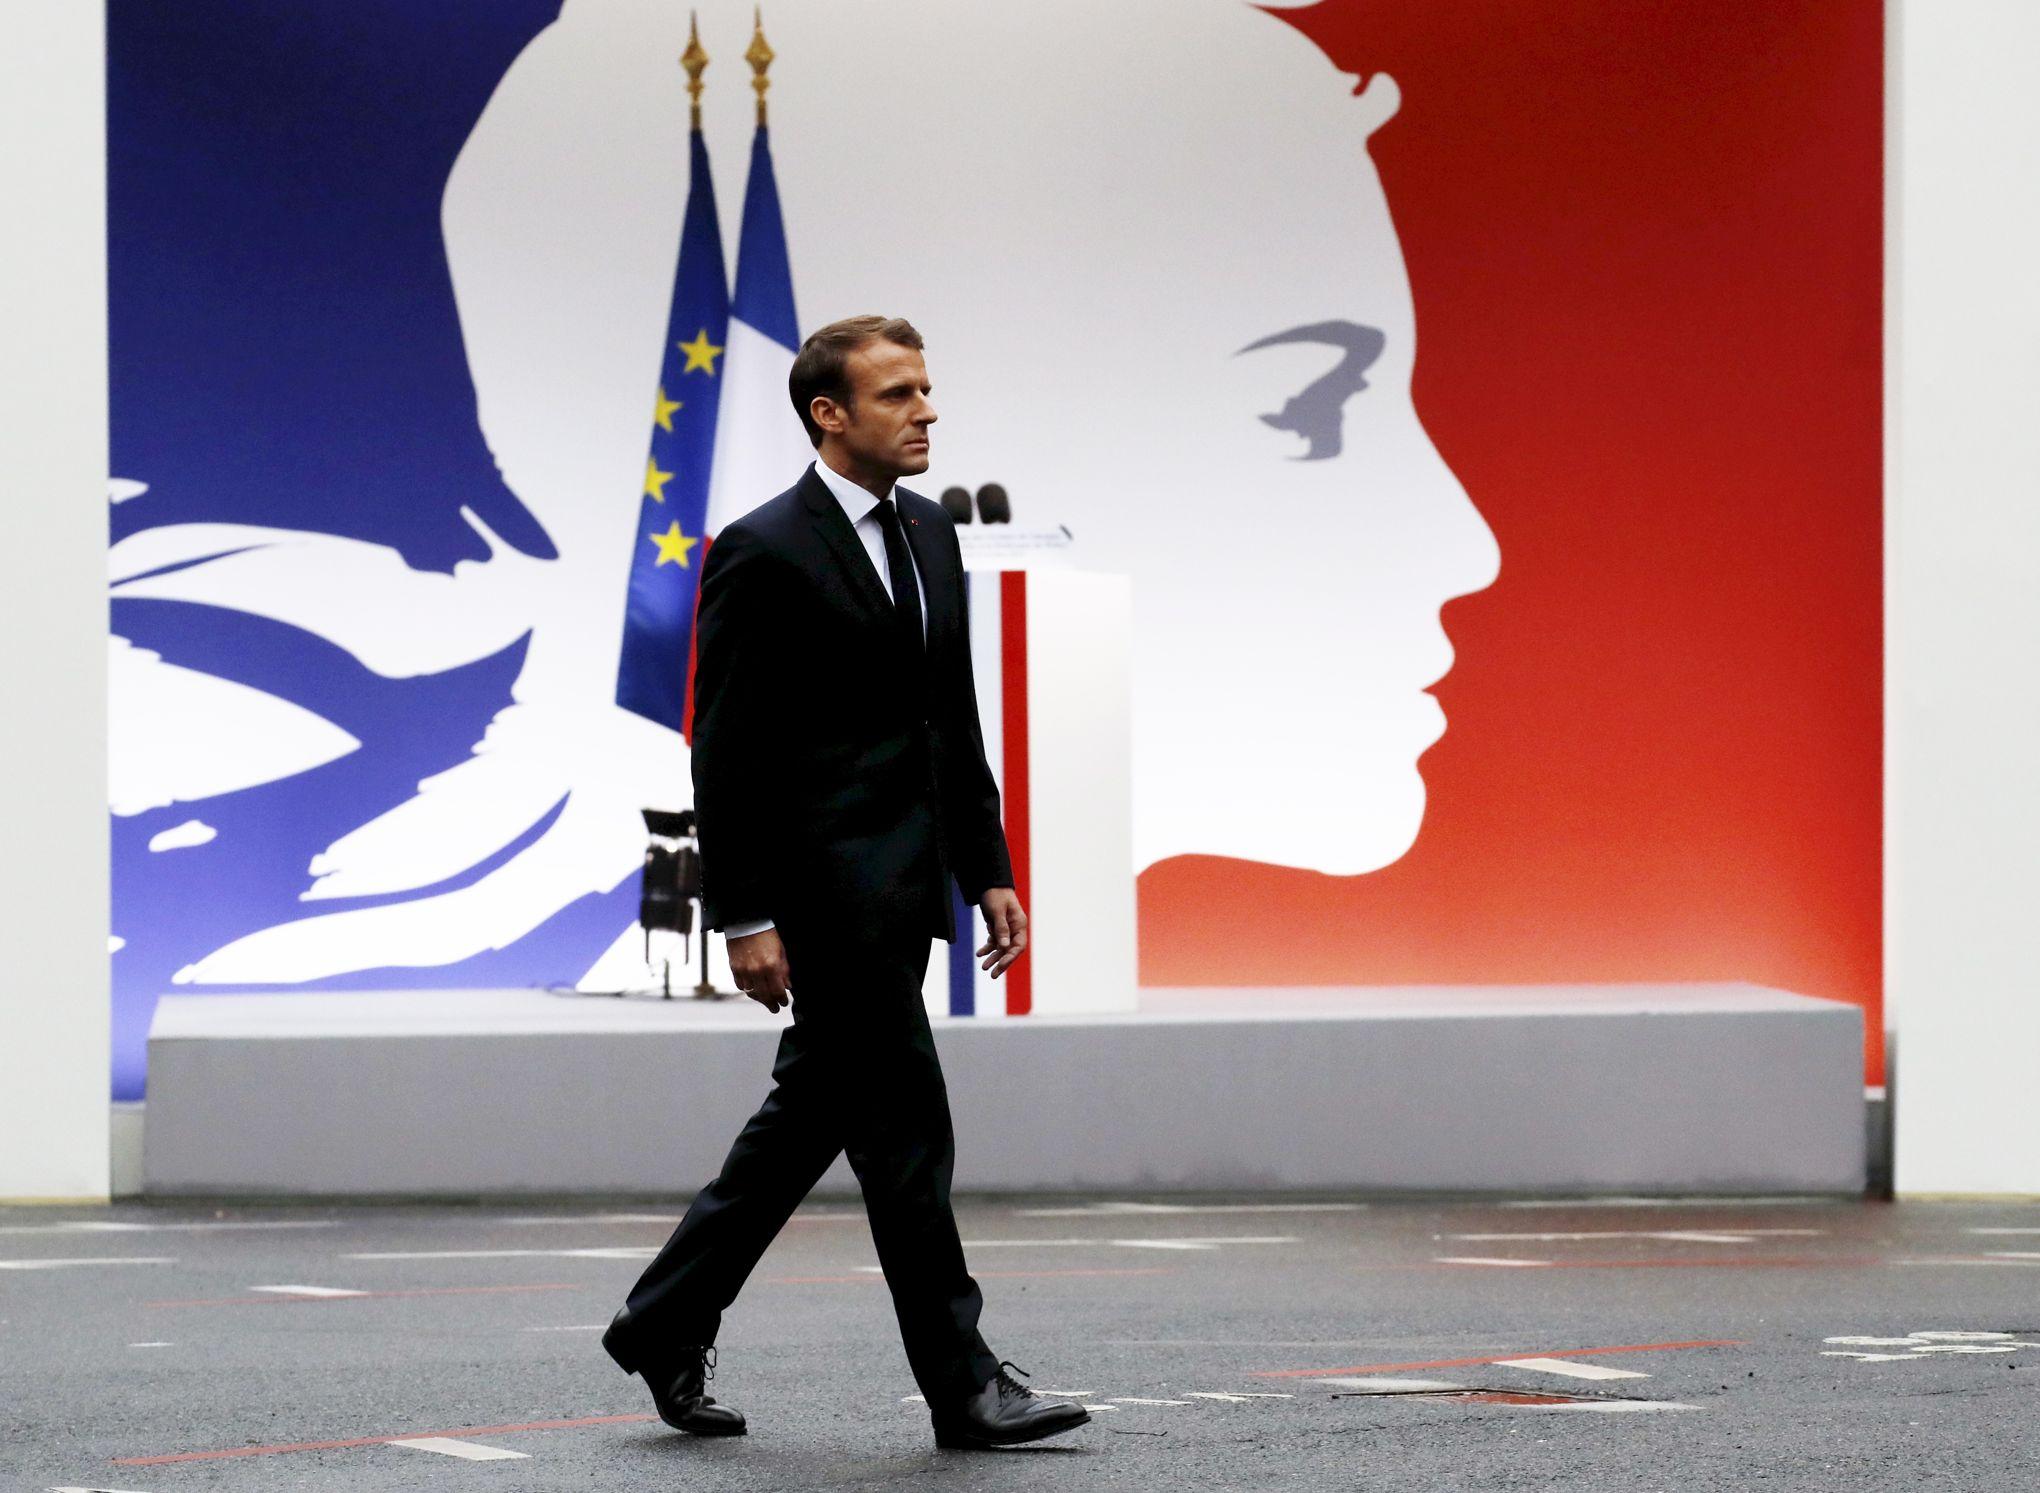 Calendrier Macron 2019.Face Au Piege Des Retraites Macron Pret A Assouplir Le